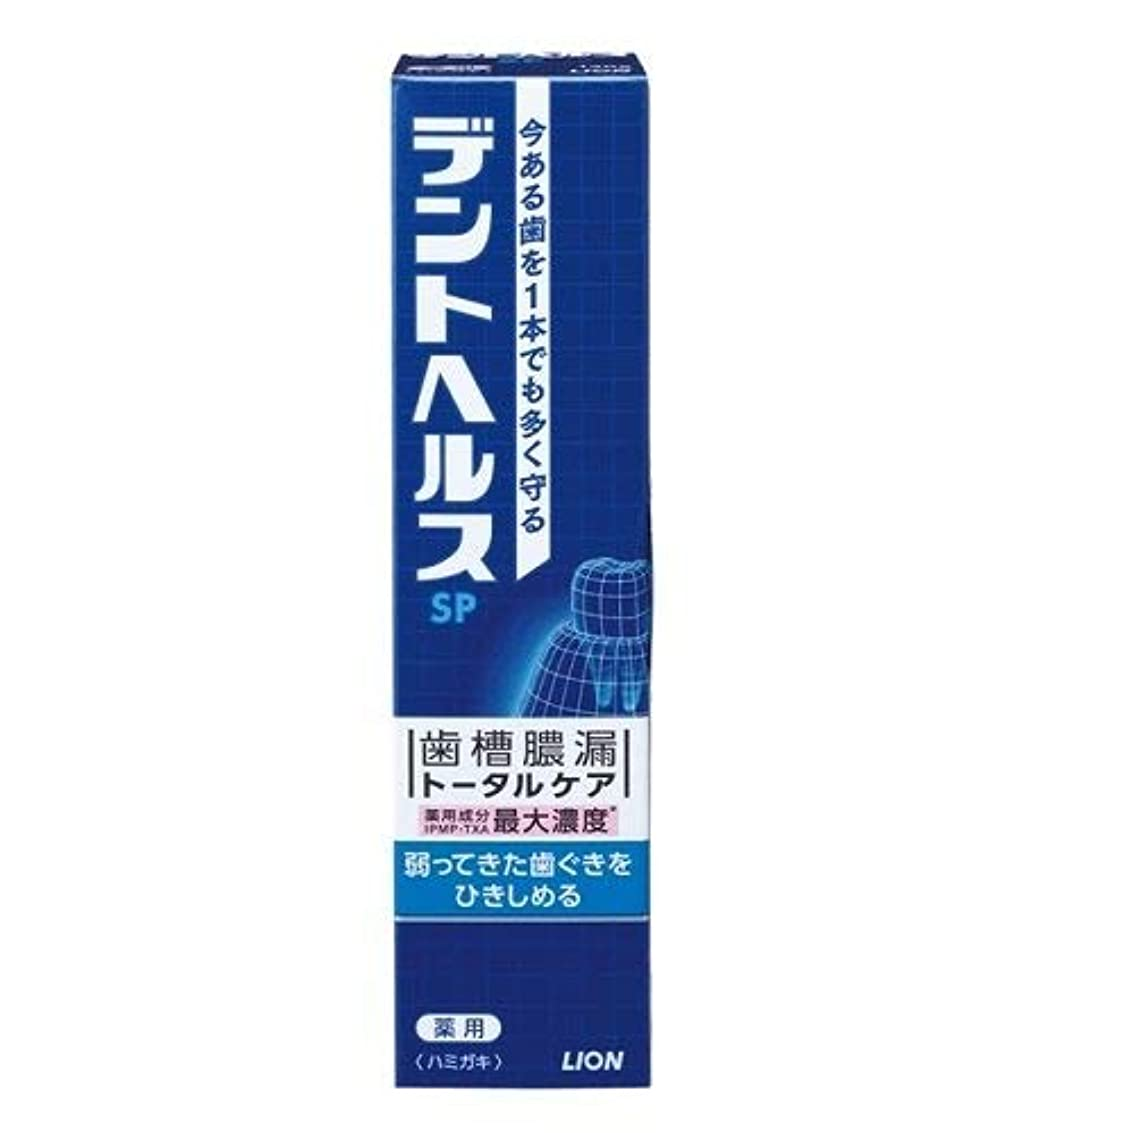 トランザクション今晩自分のライオン デントヘルス 薬用ハミガキ SP 120g (医薬部外品)× 4